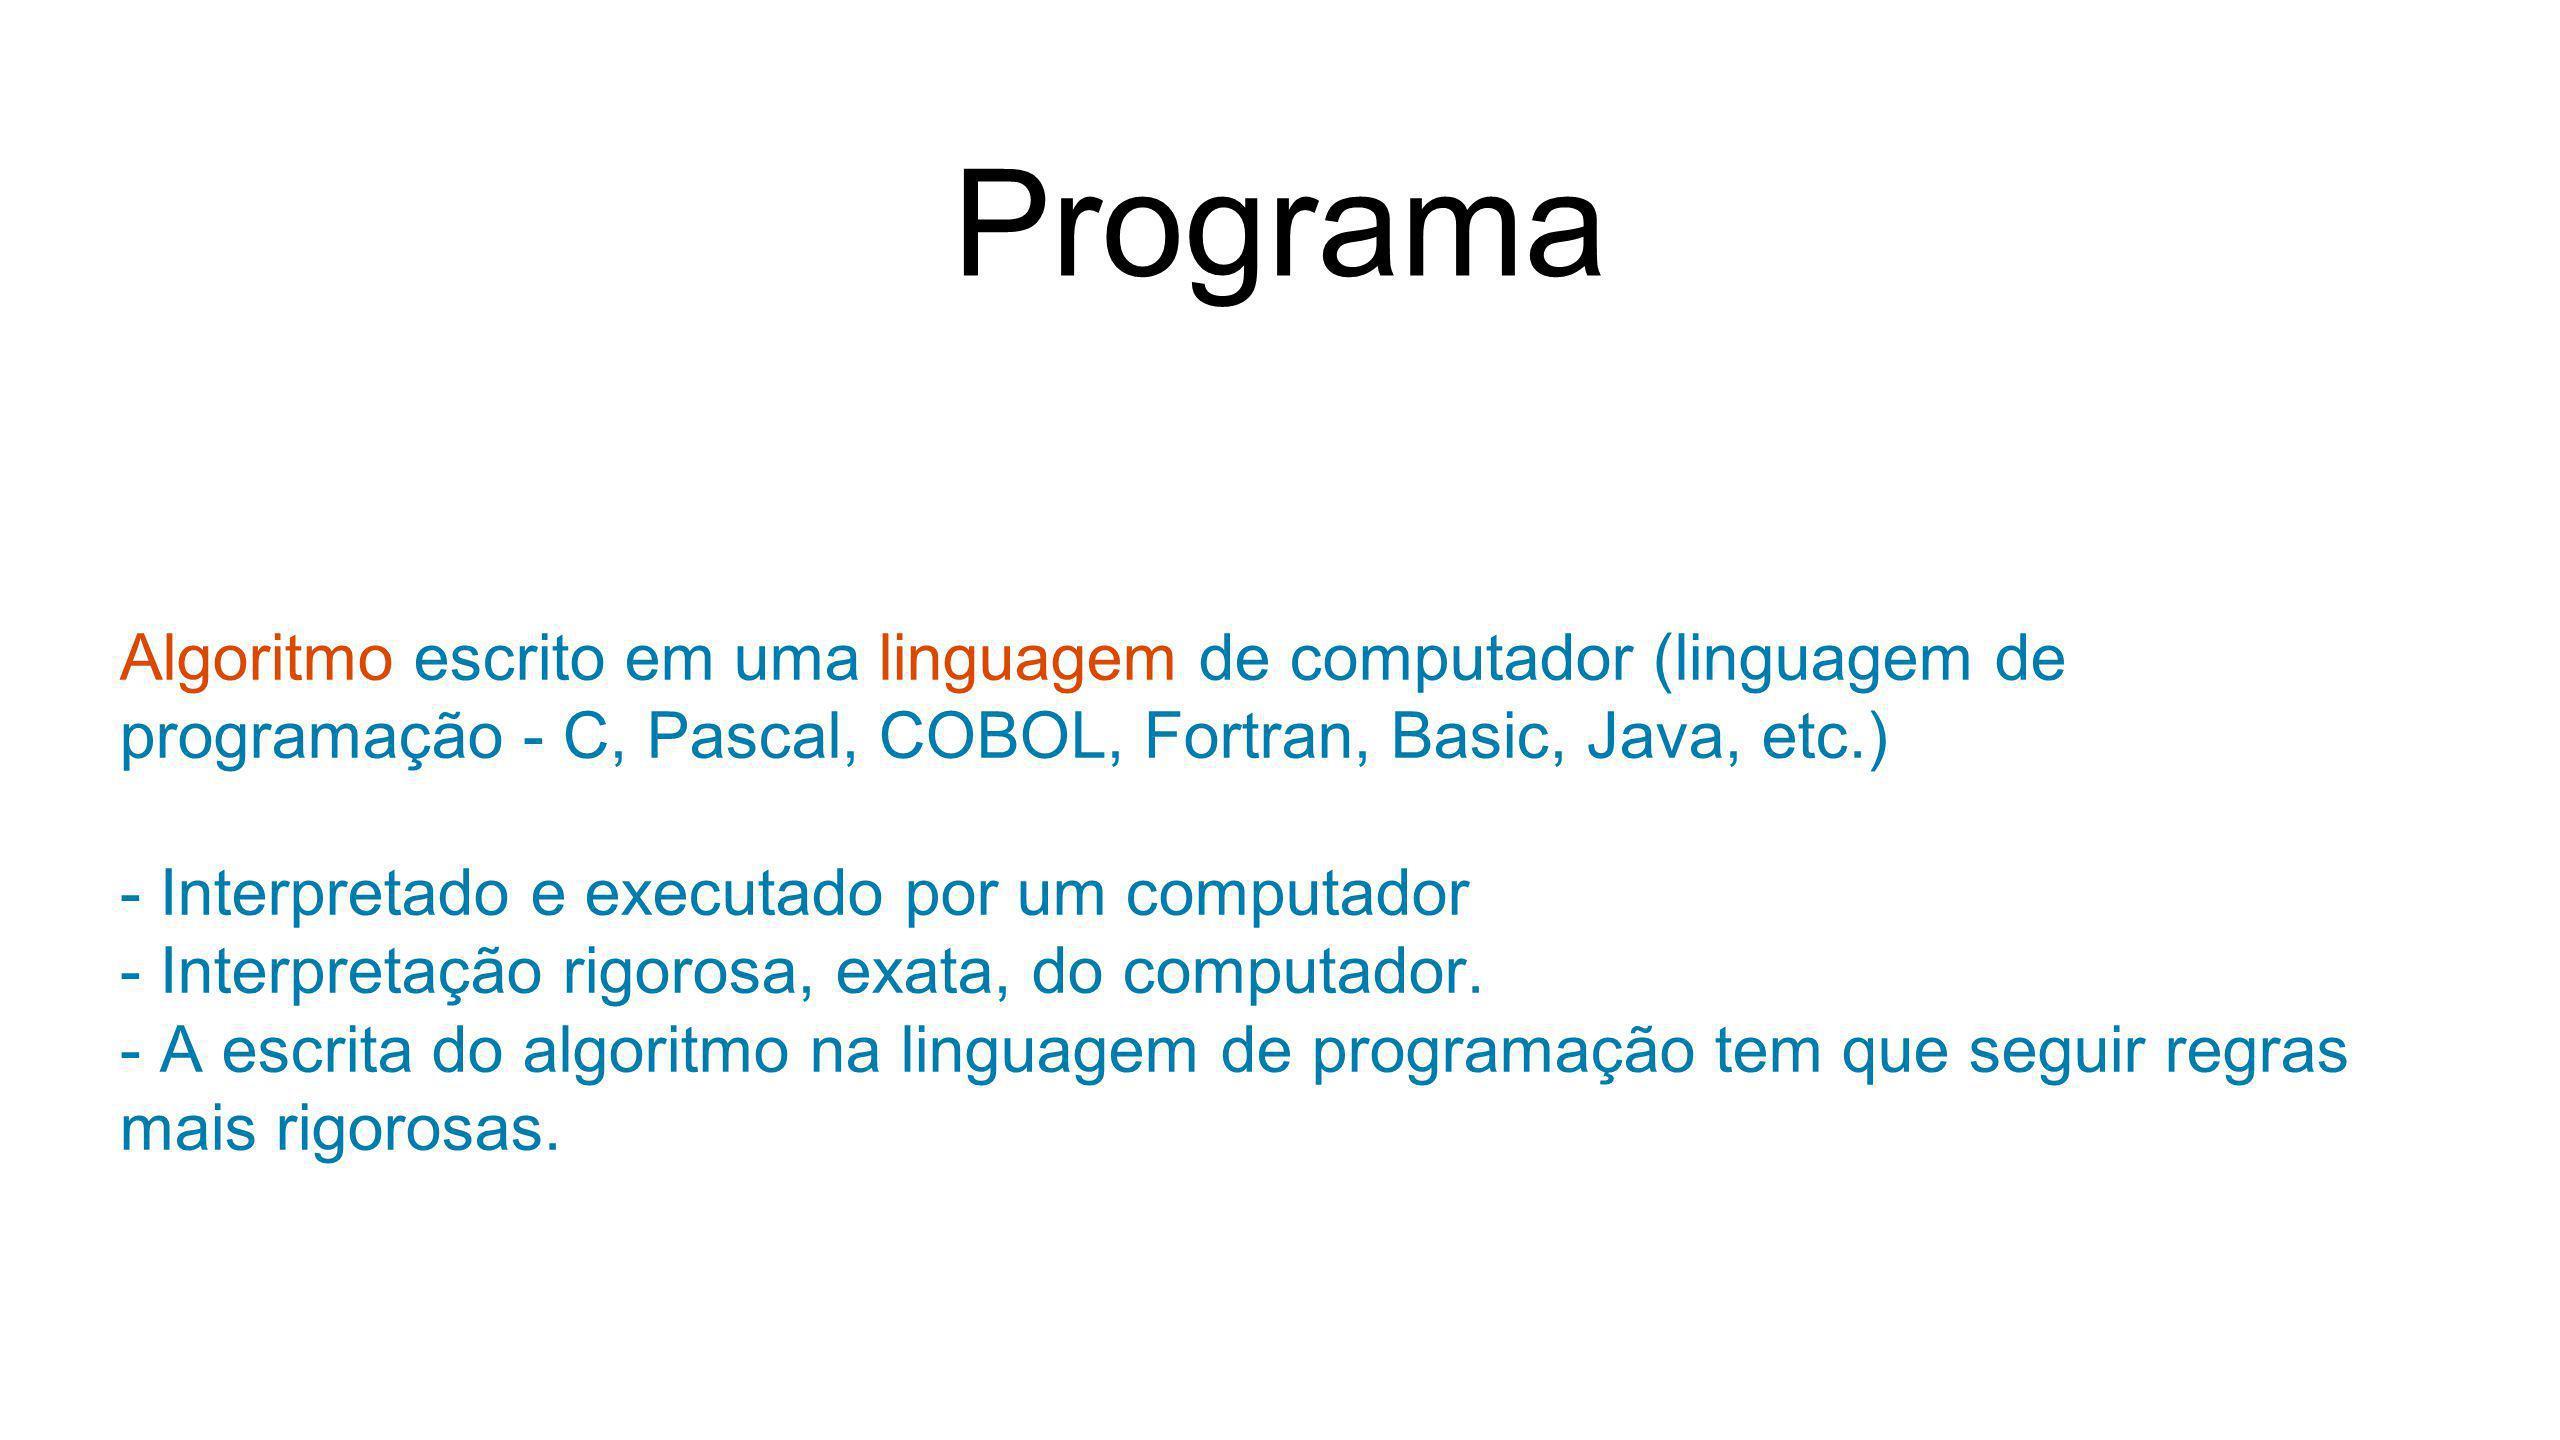 Programa Algoritmo escrito em uma linguagem de computador (linguagem de programação - C, Pascal, COBOL, Fortran, Basic, Java, etc.)